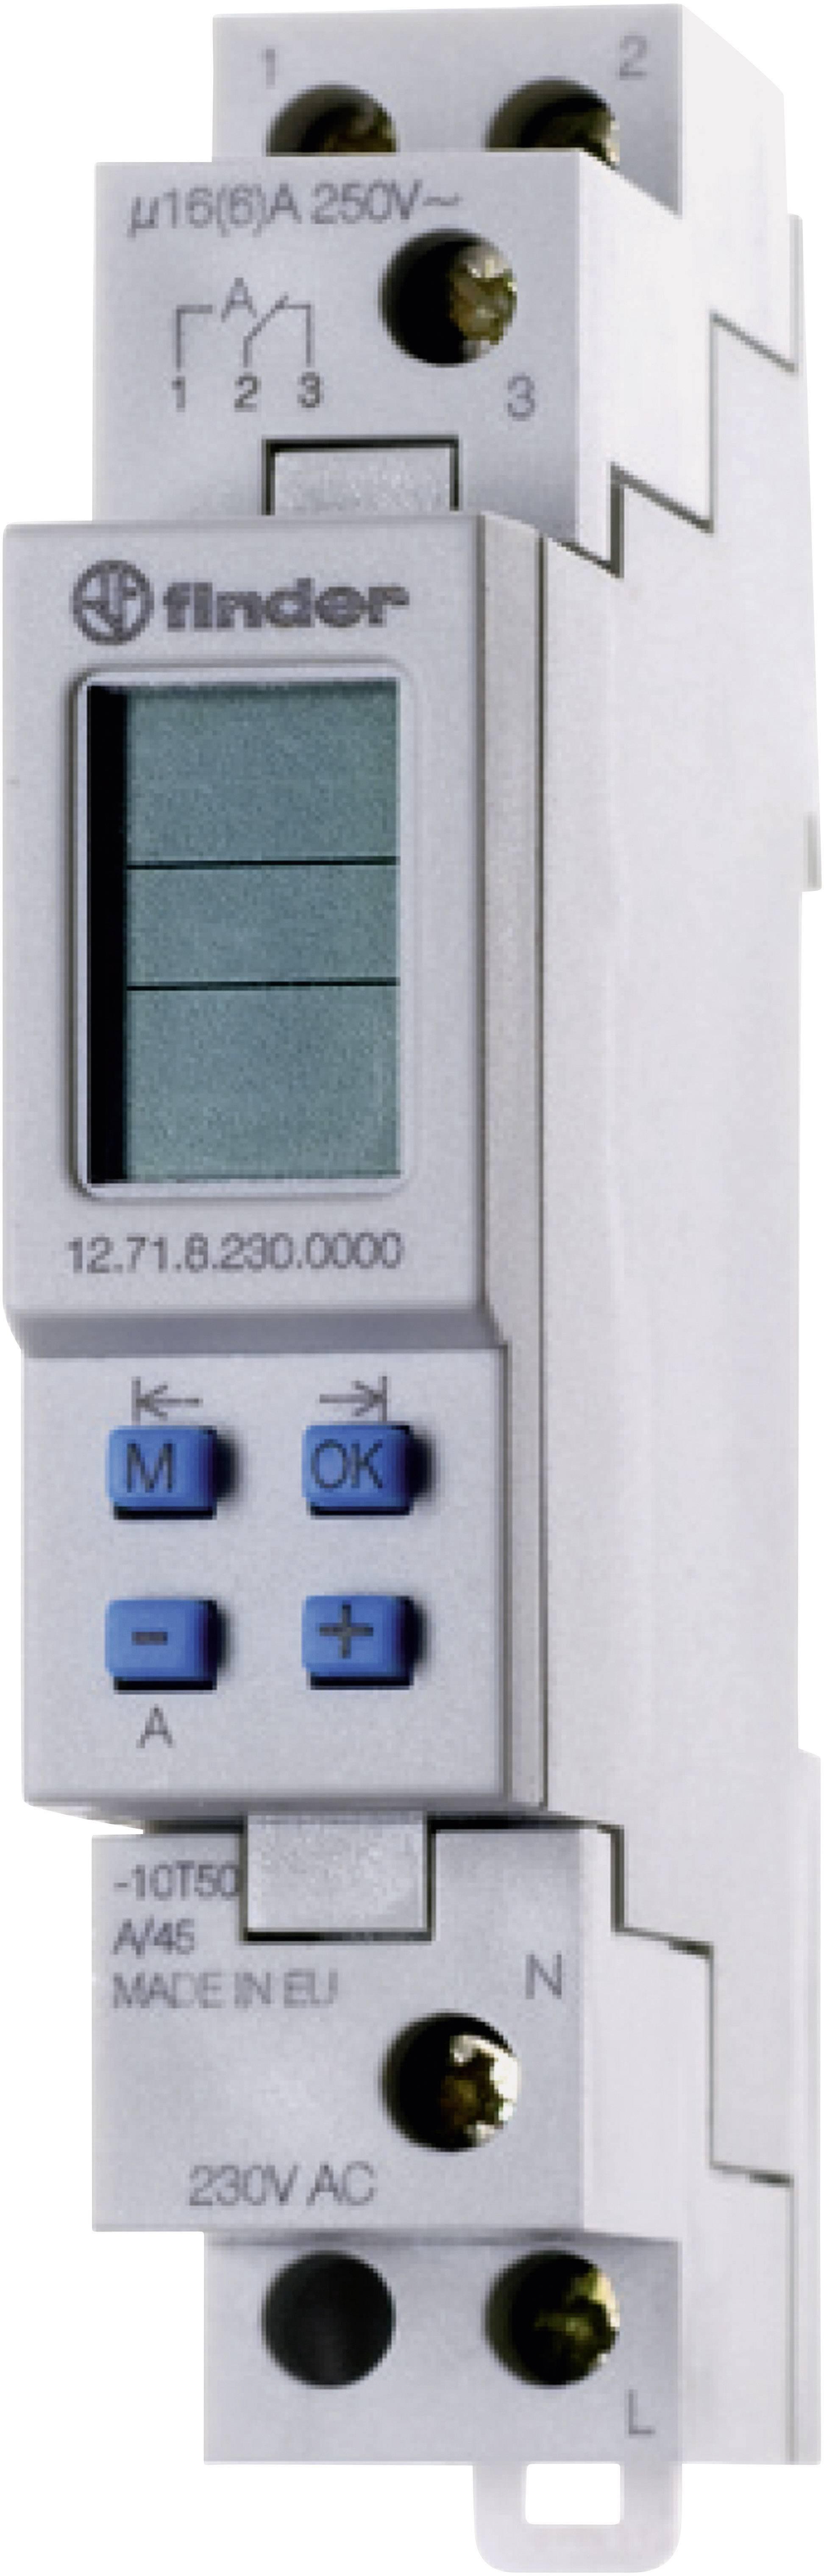 Časové relé - časovač Finder 12.71.8.230.0000 12.71.8.230.0000, 1 ks